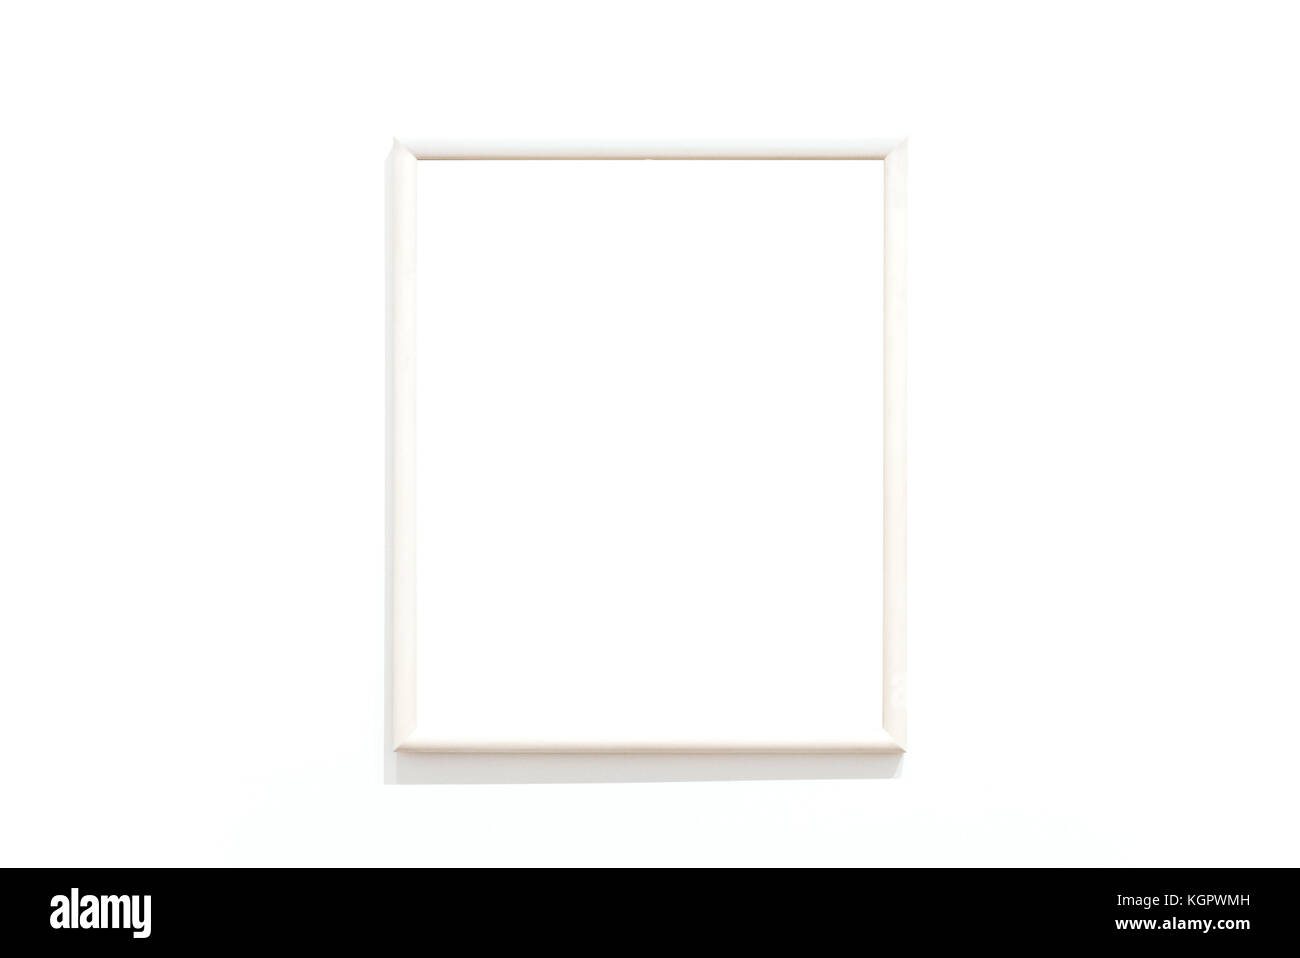 leeren Rahmen an der Wand Stockfoto, Bild: 165230929 - Alamy